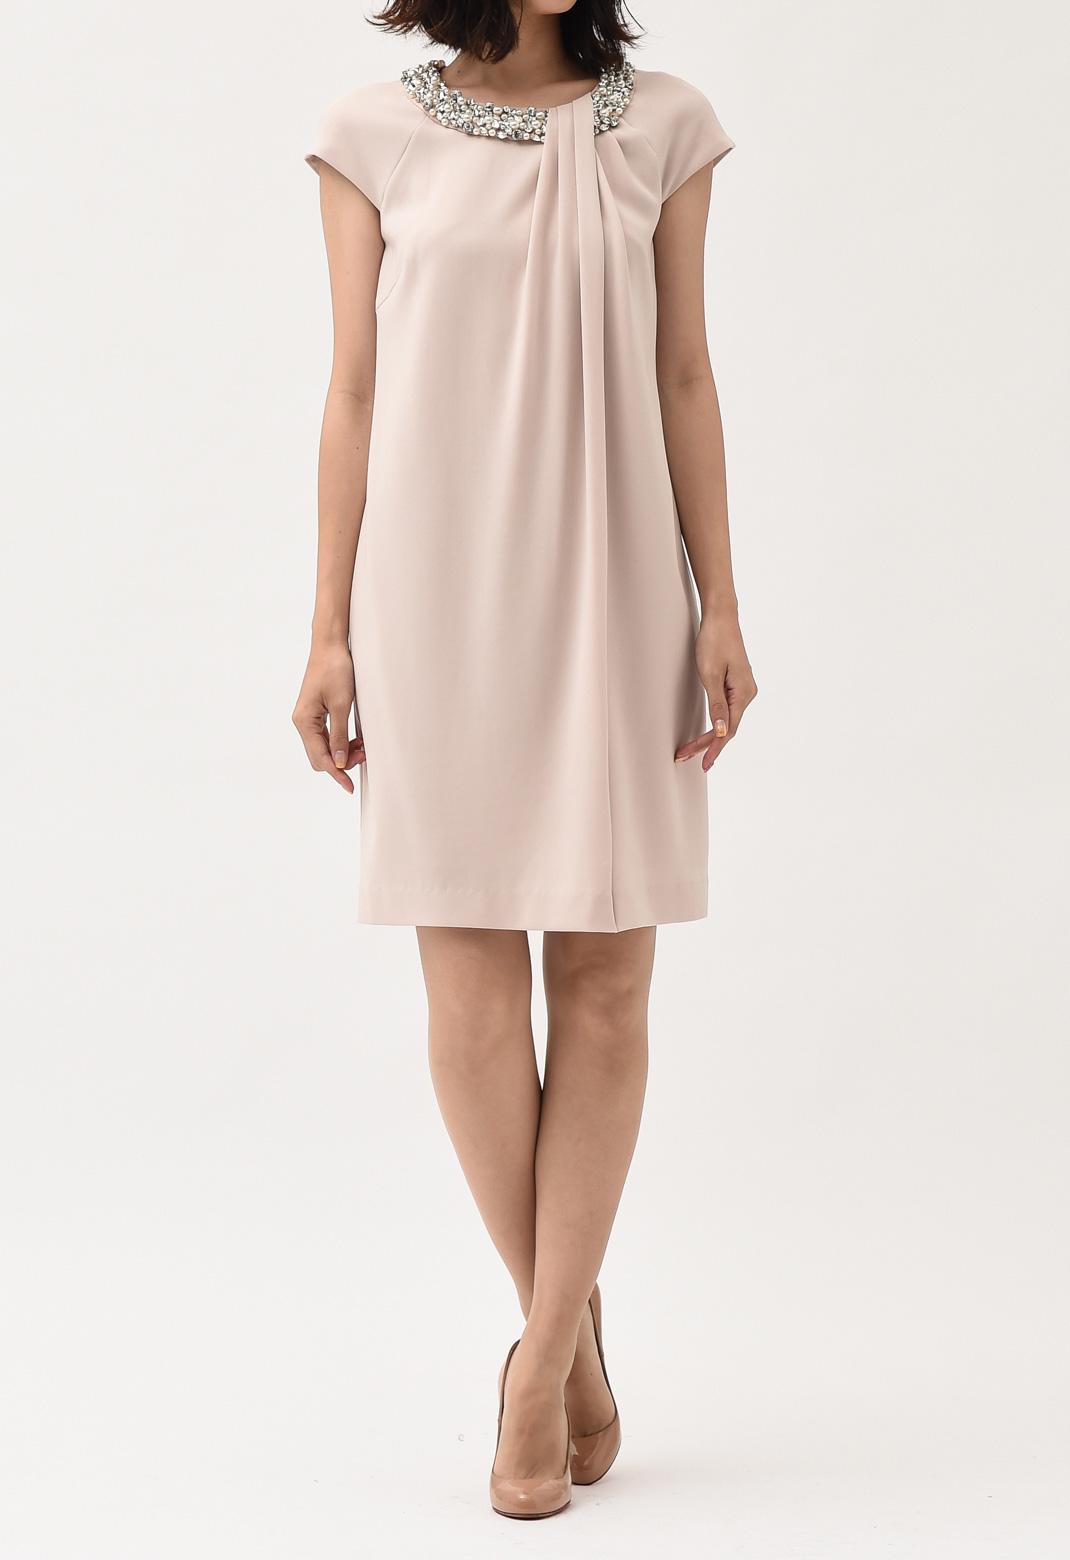 ネックビジュー飾り フロントドレープ フレンチスリーブ ドレス